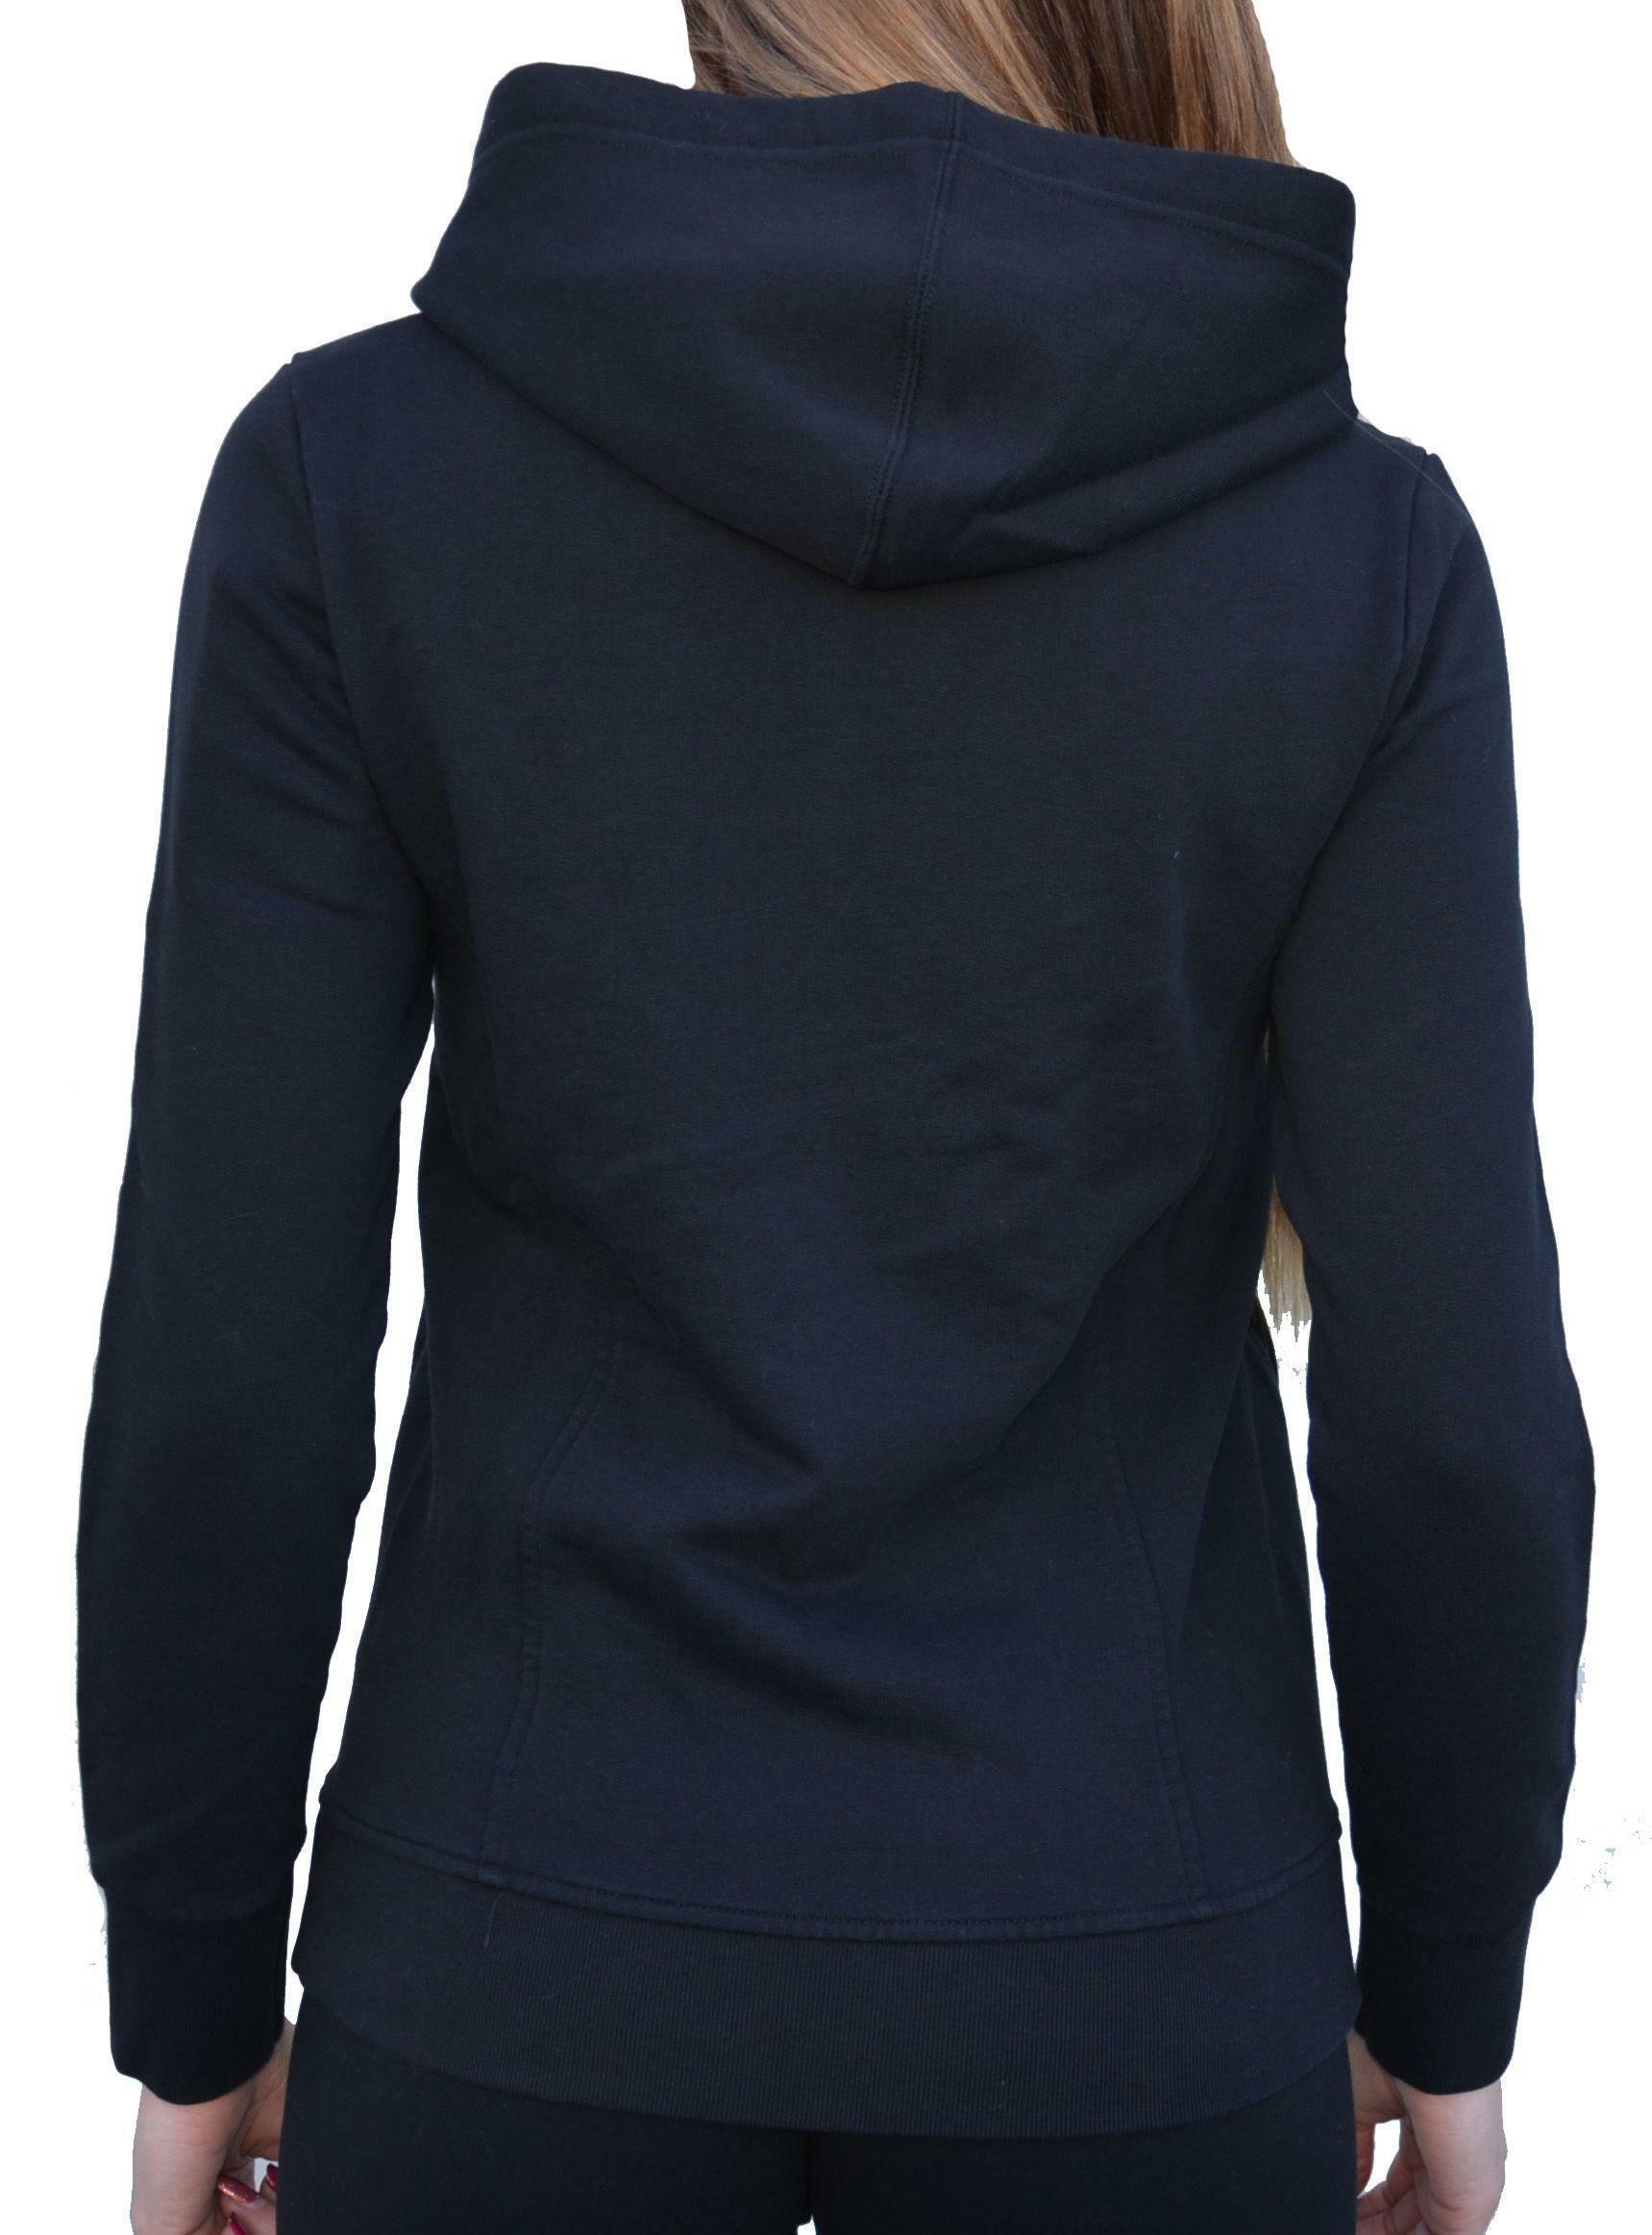 converse converse giacchetto donna nero cotone garzato